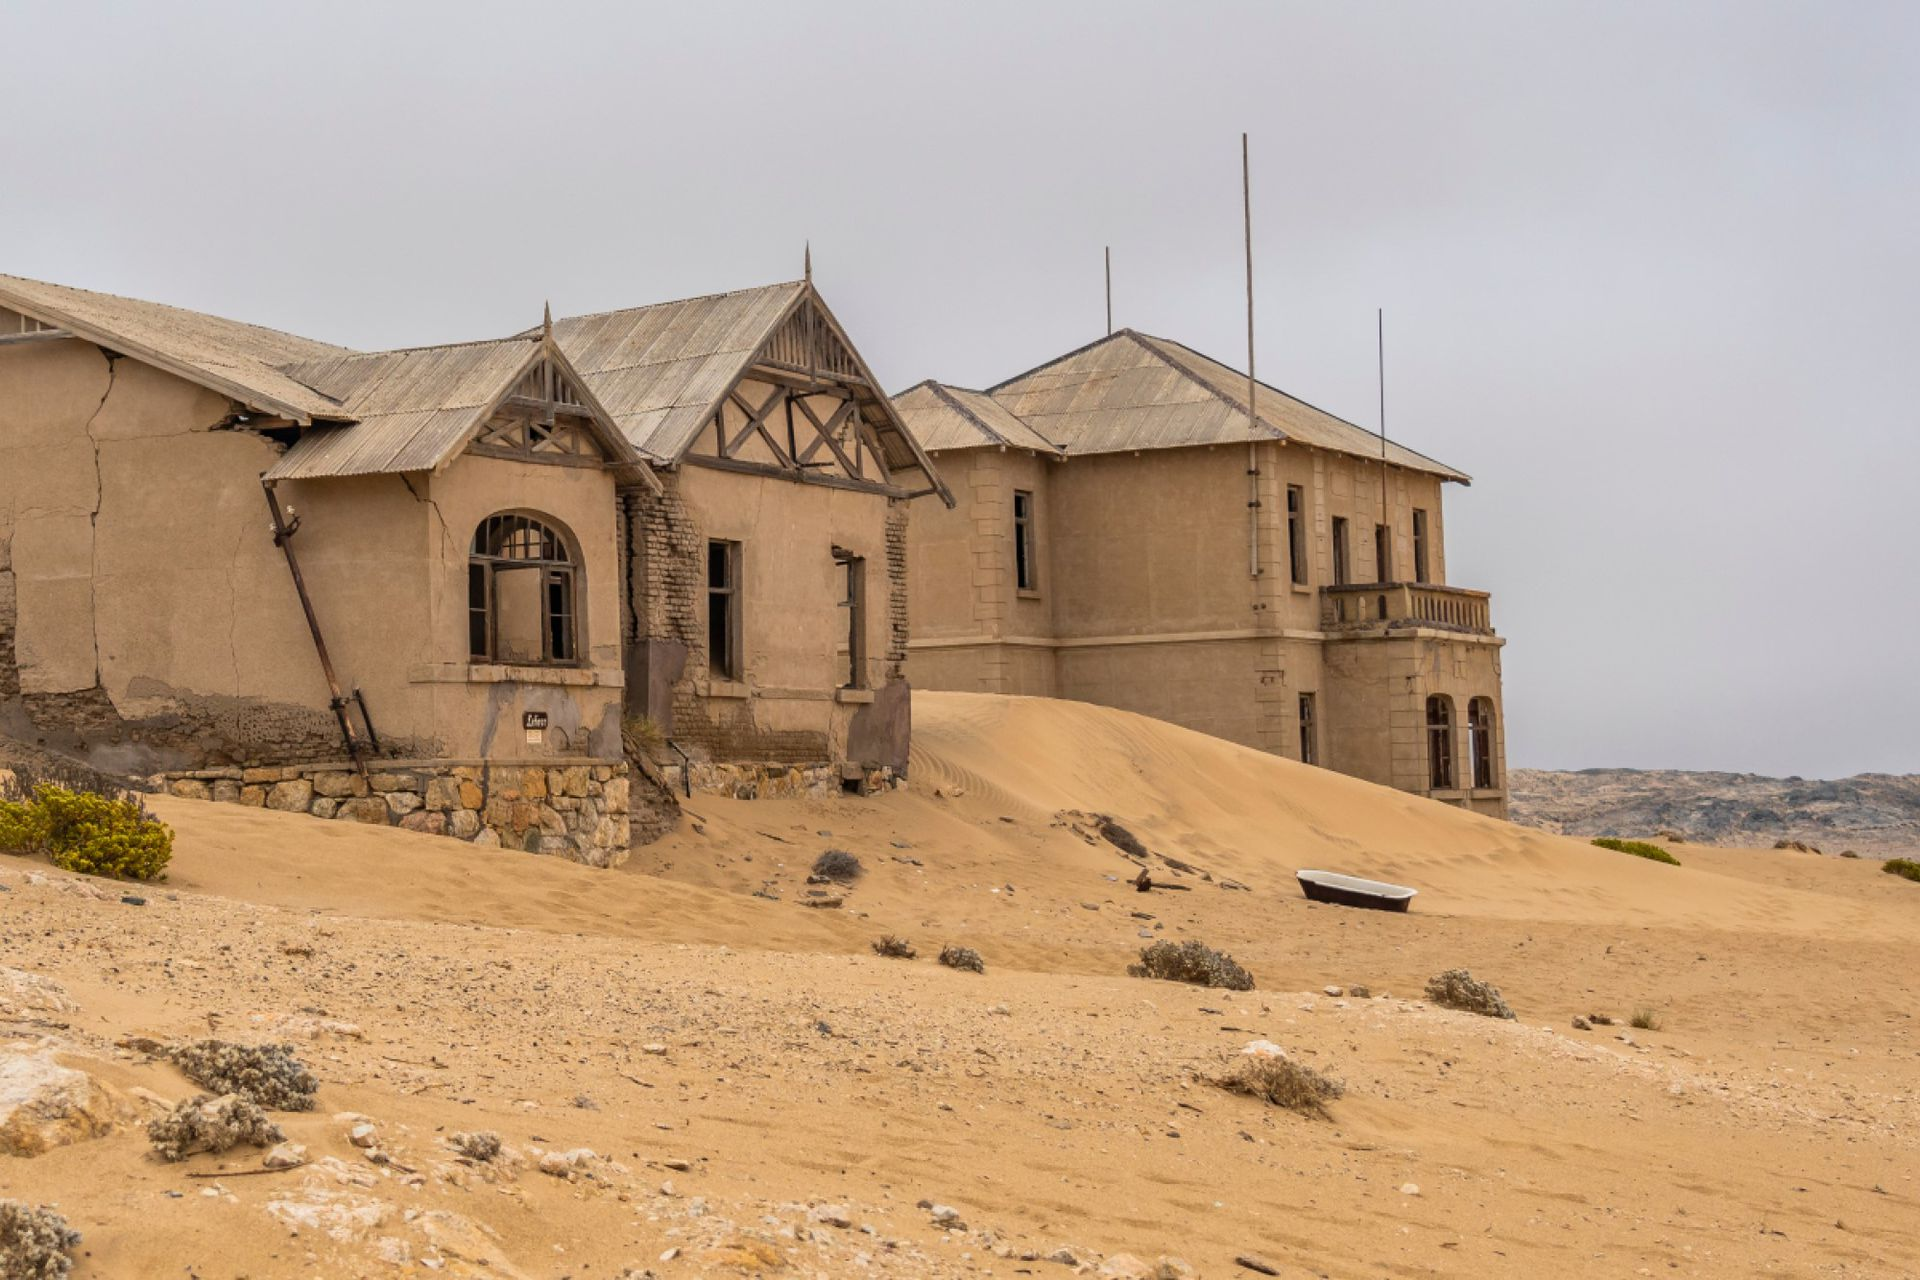 Kolmannskuppe ciudad fantasma y las casas en un día nublado